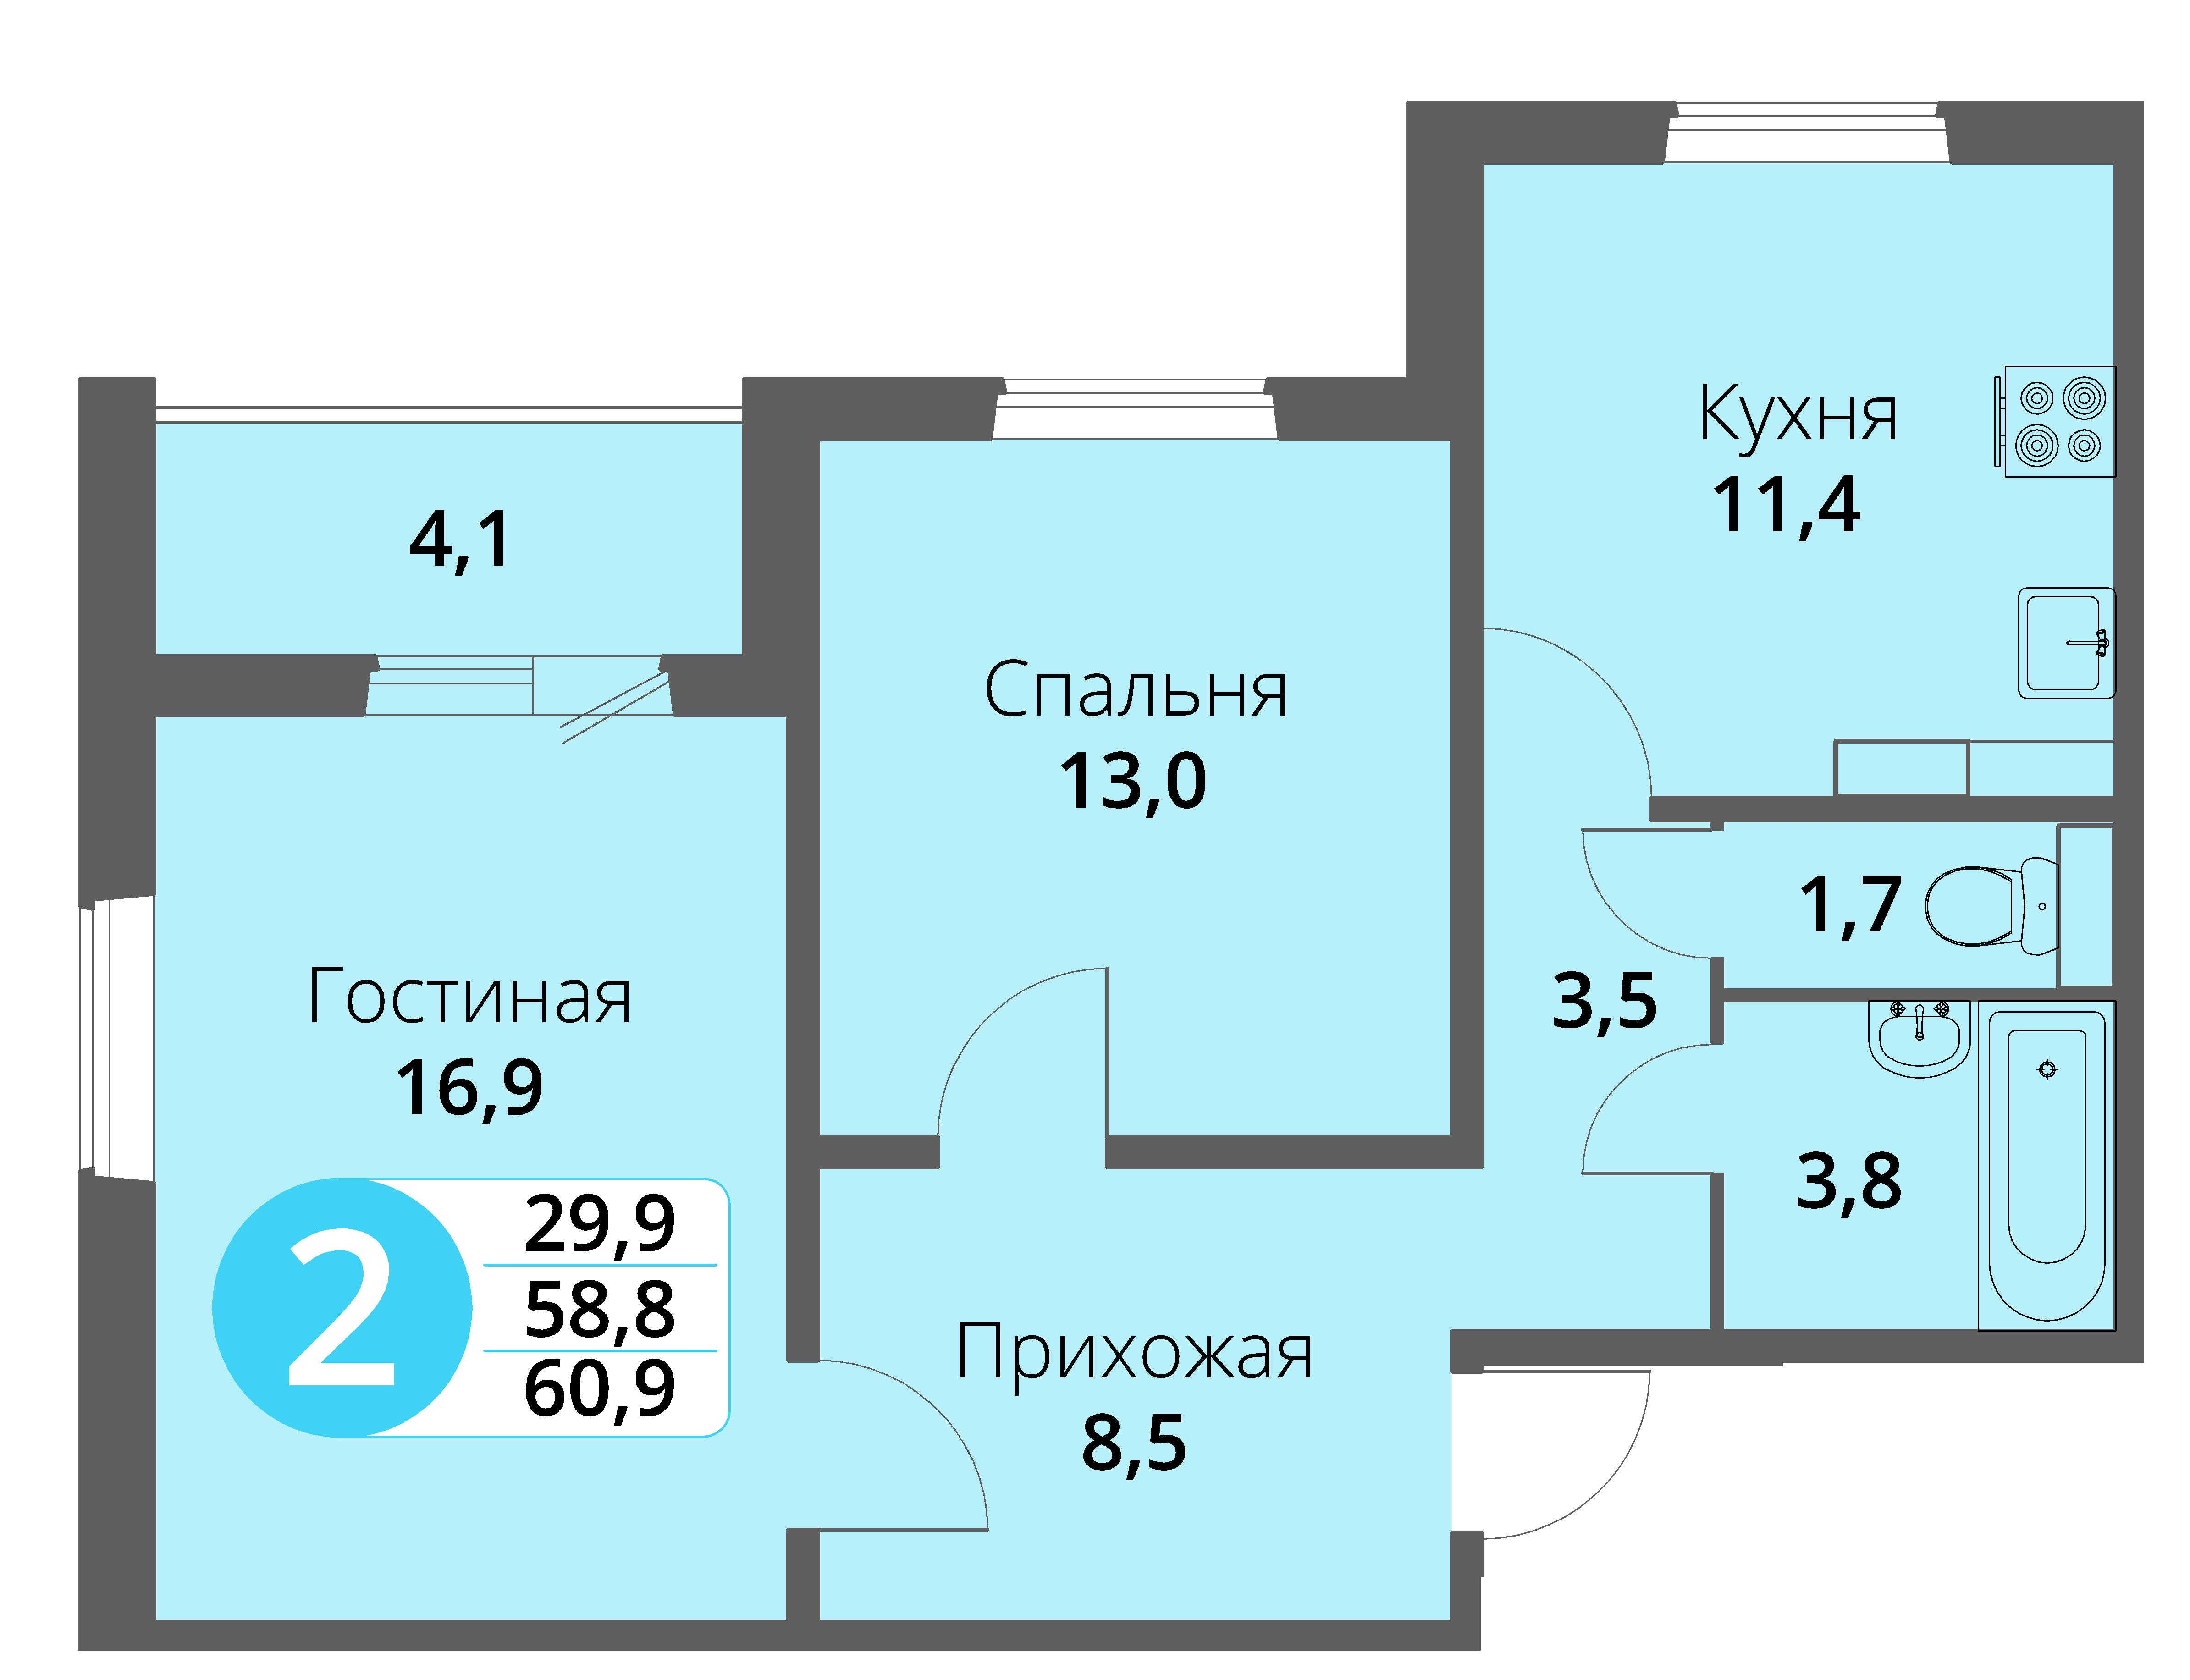 Зареченская 1-1, квартира 120 - Двухкомнатная